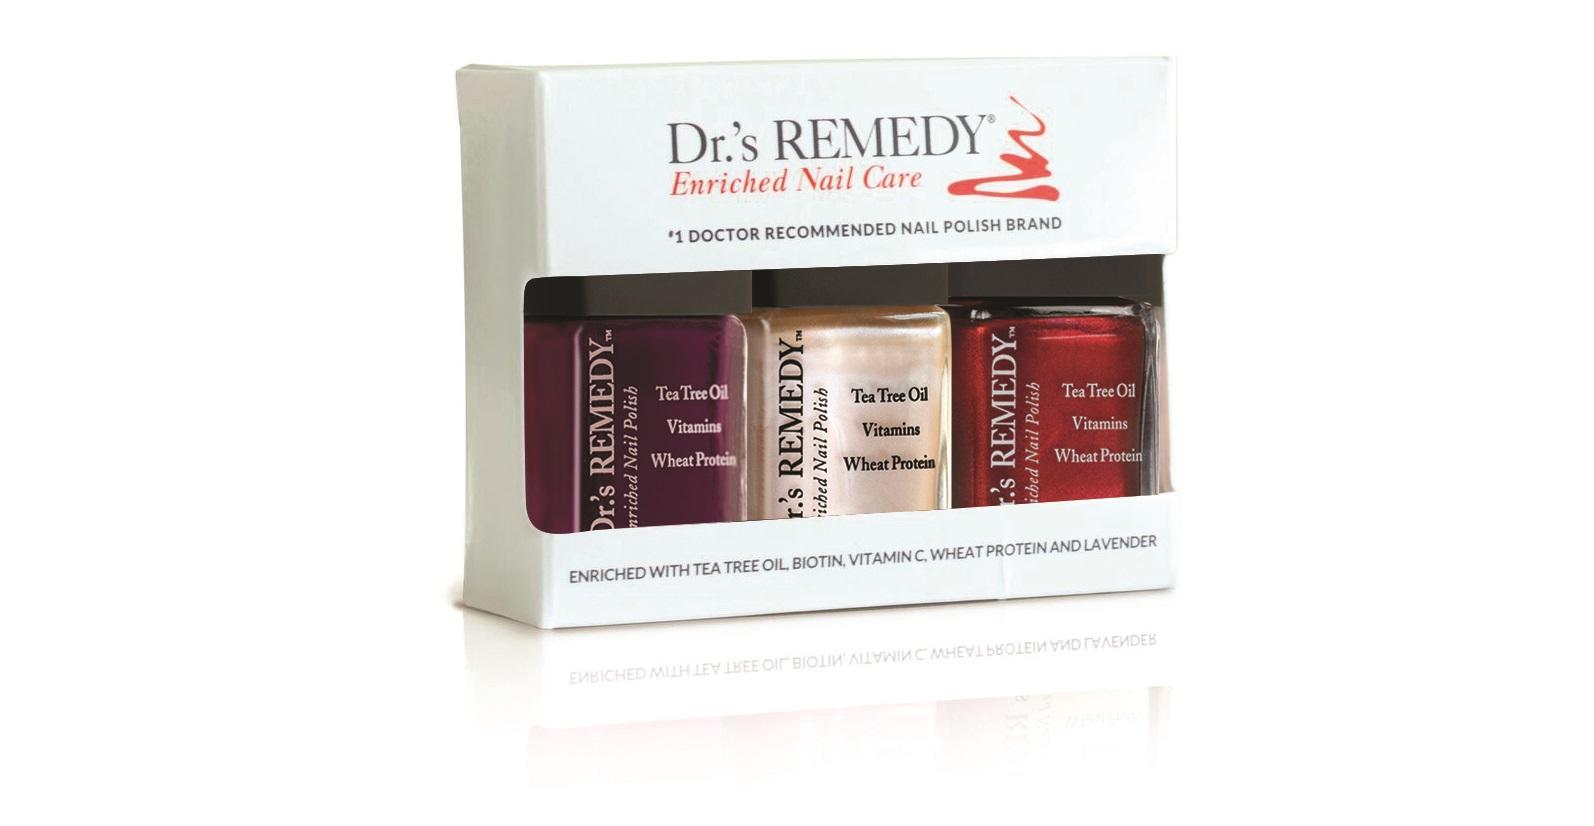 Dr.'s REMEDY Christmas Tipple Gift Set